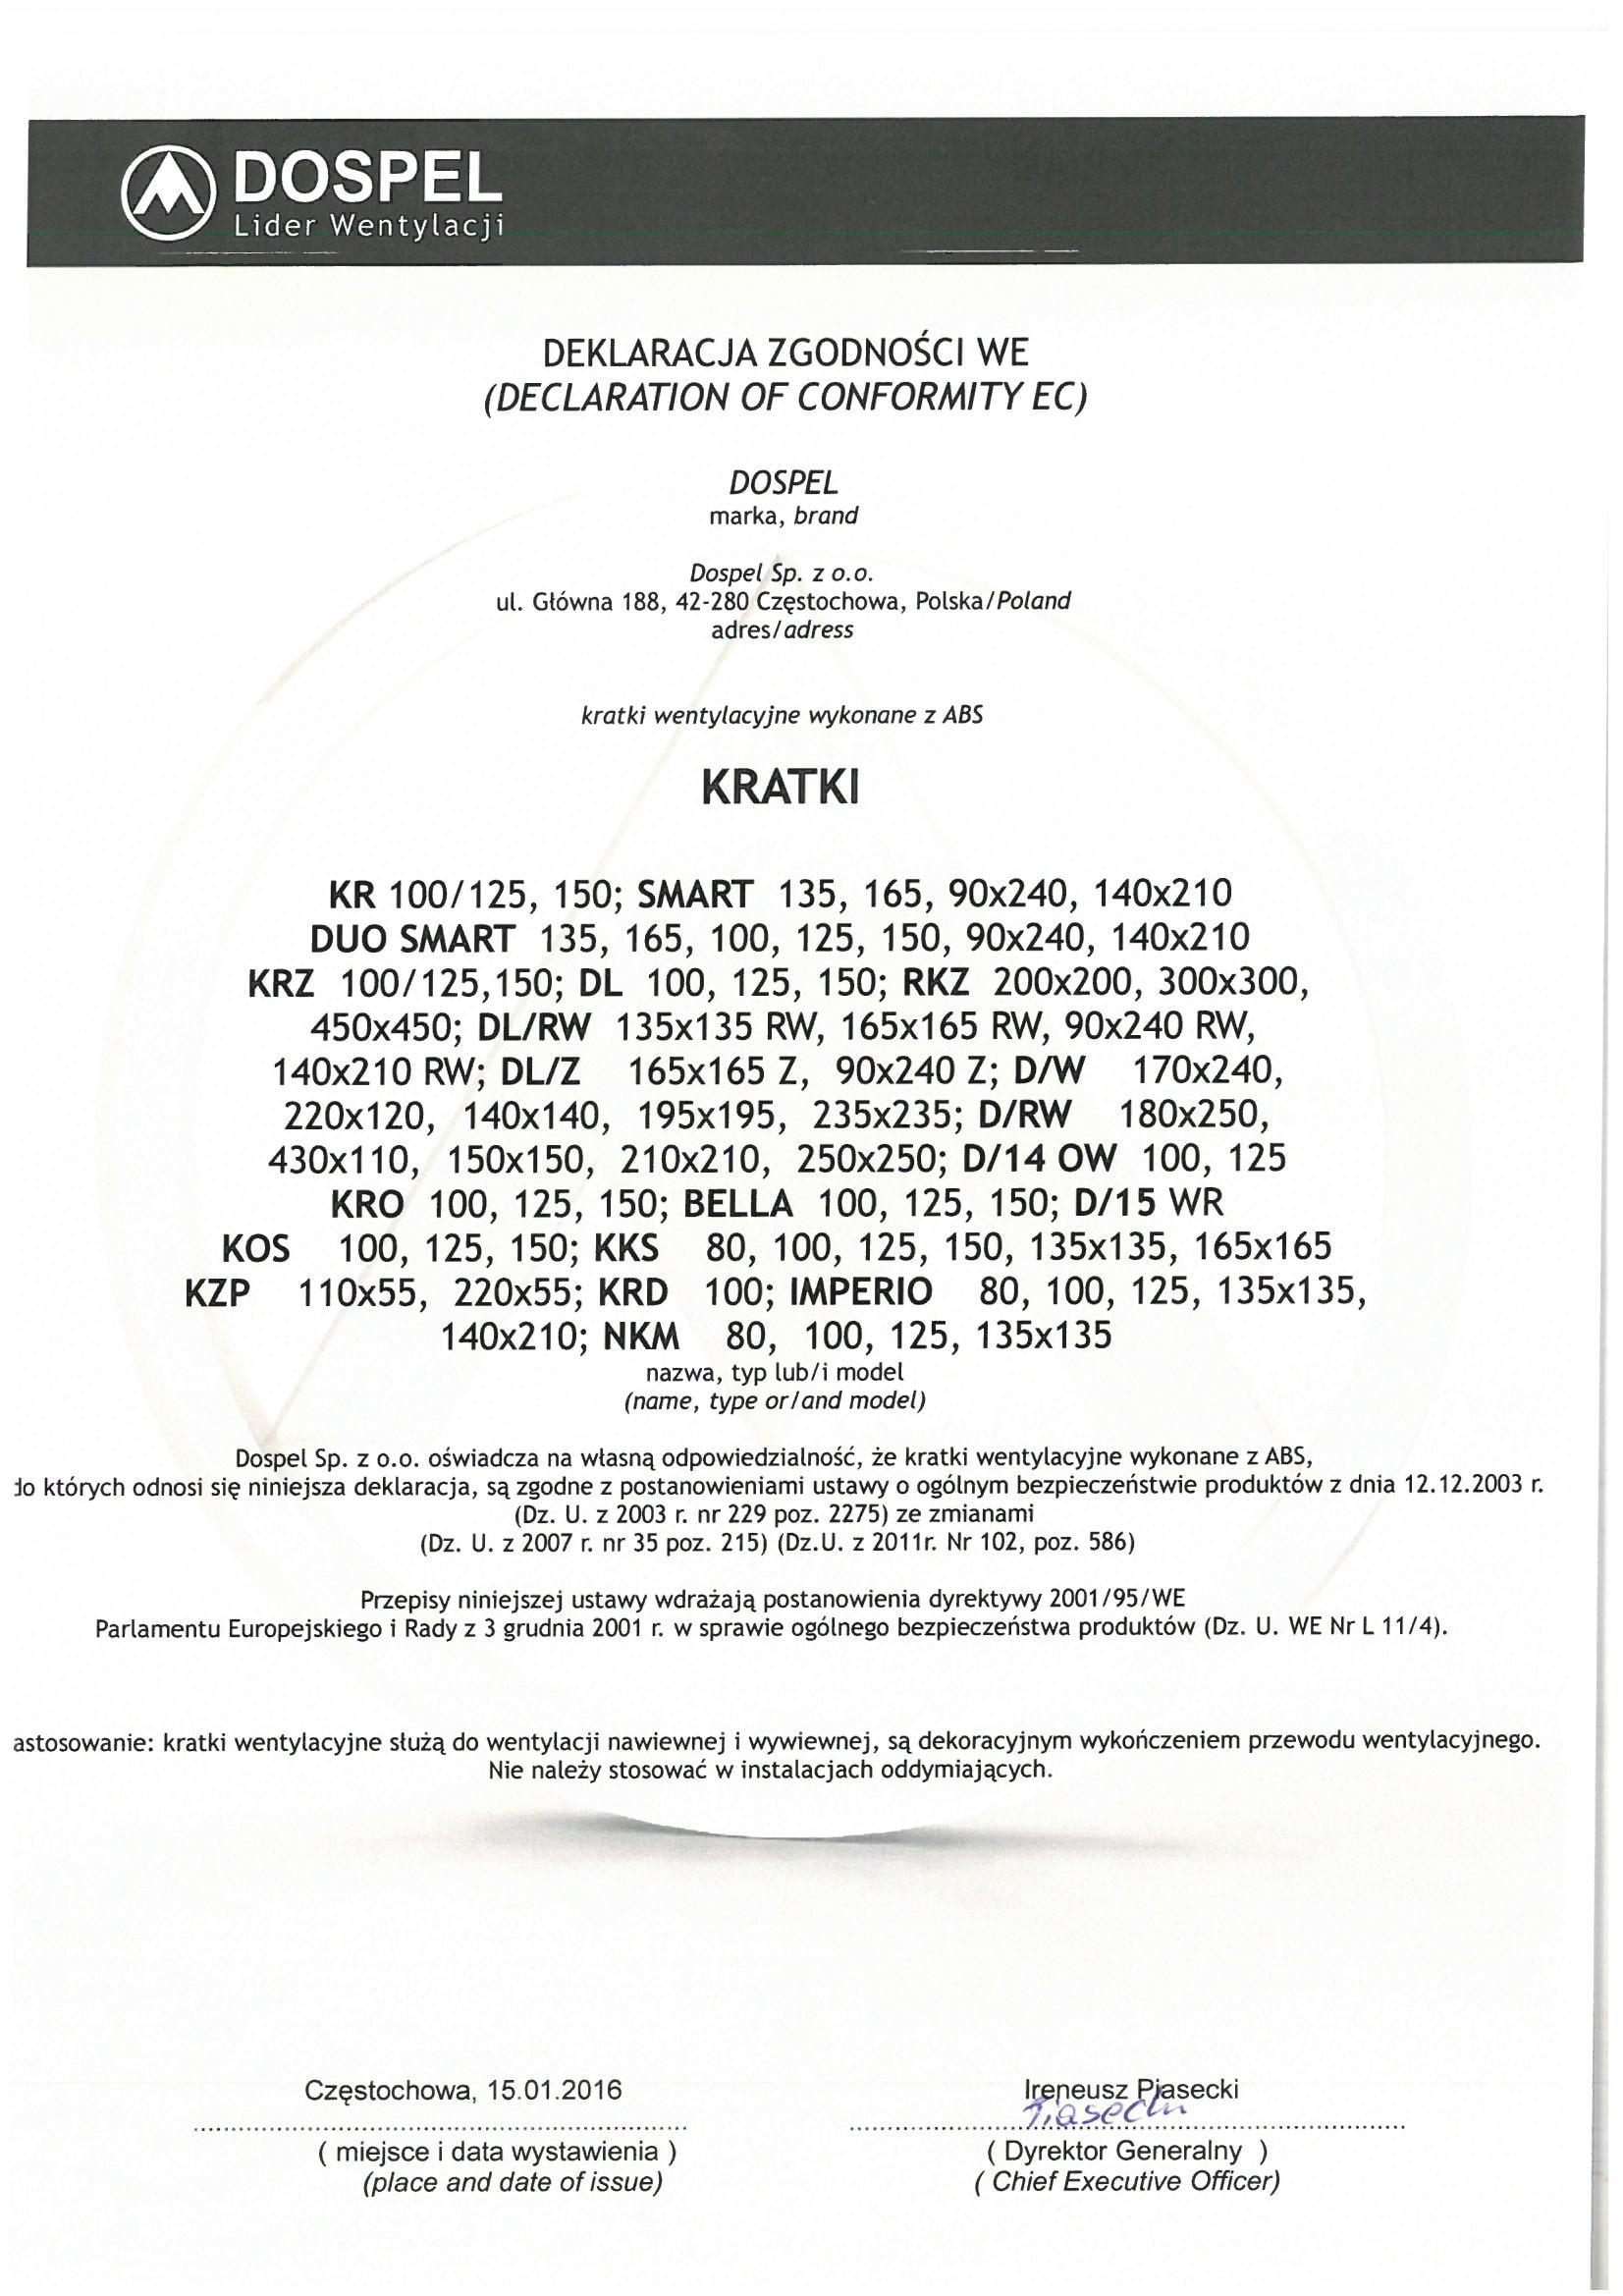 Kratka wentylacyjna certyfikat, deklaracja zgodności, producent wentylatorów, Dospel